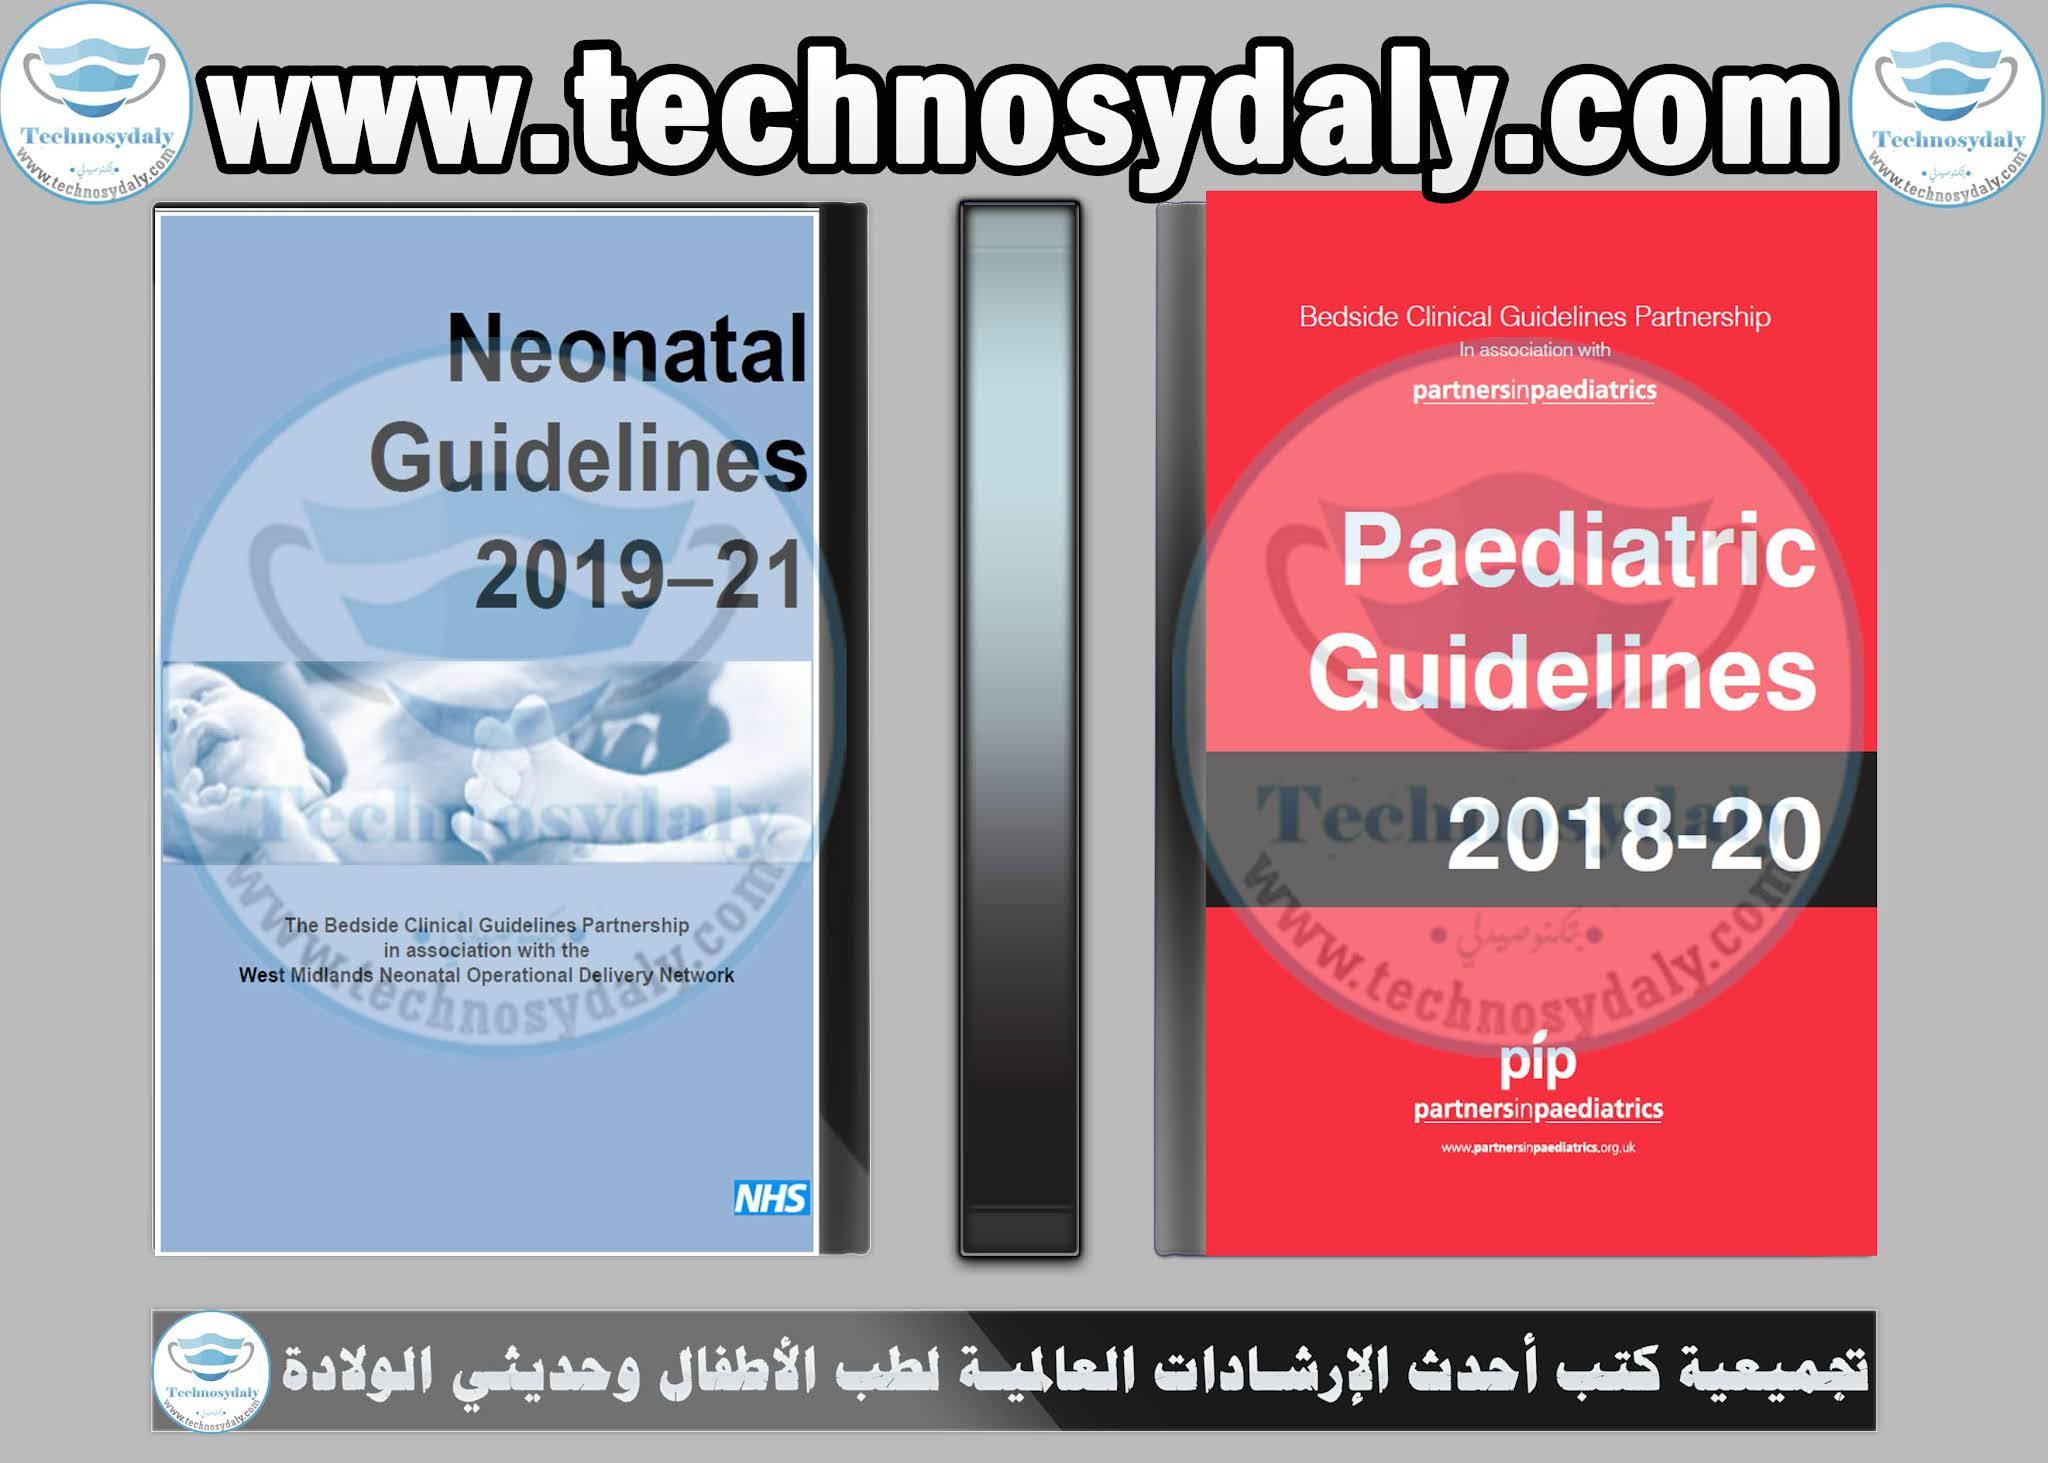 تجميعية كتب أحدث الإرشادات العالمية لطب الأطفال وحديثي الولادة  Paediatric-Neonatal Guidelines books pdf